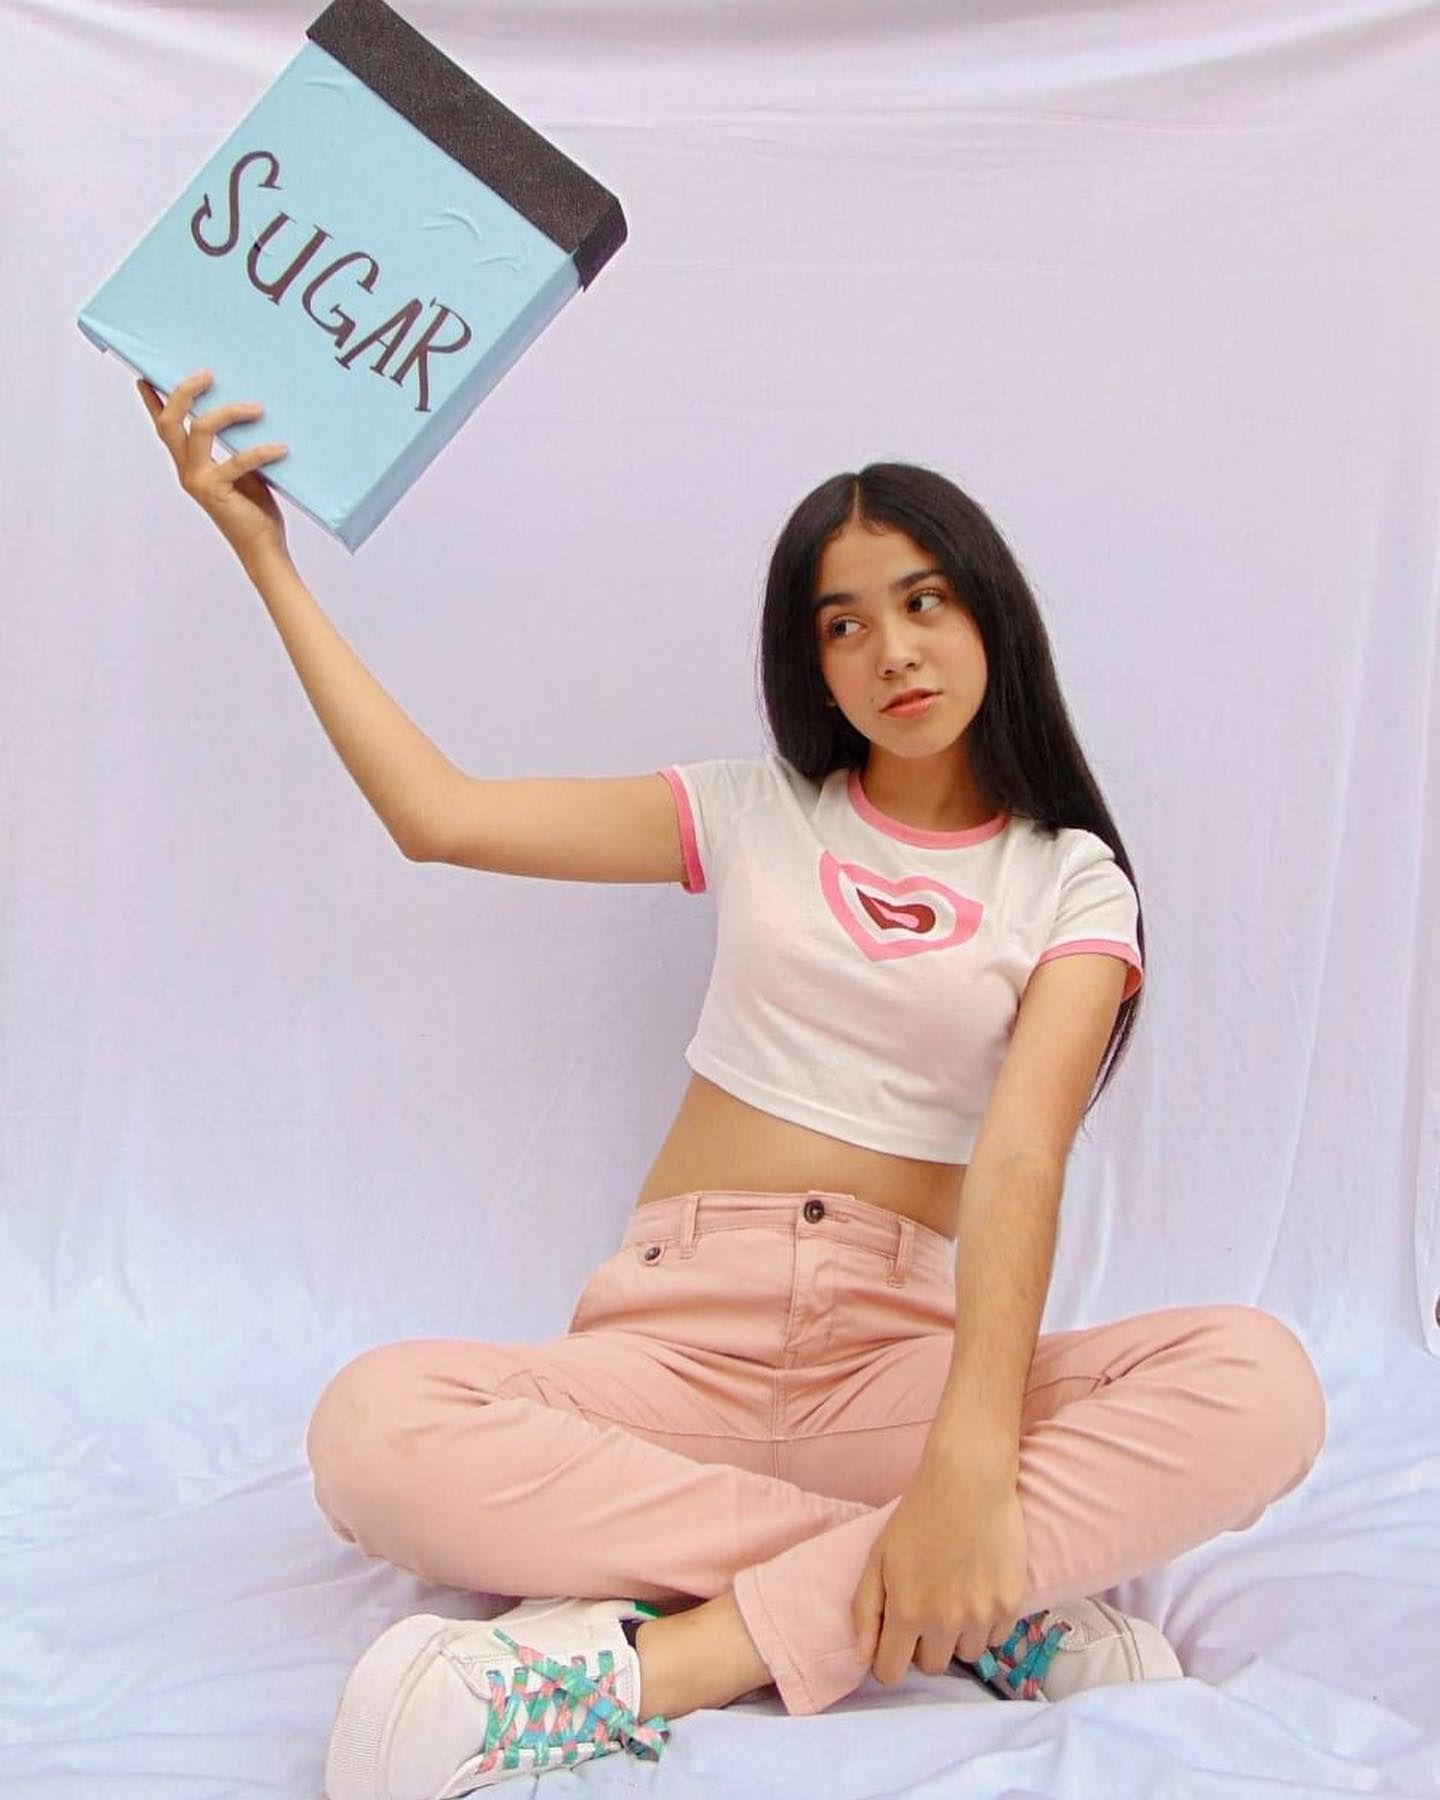 Colegiala Fernanda expone su pack de fotos con Video intimo xxx. 3